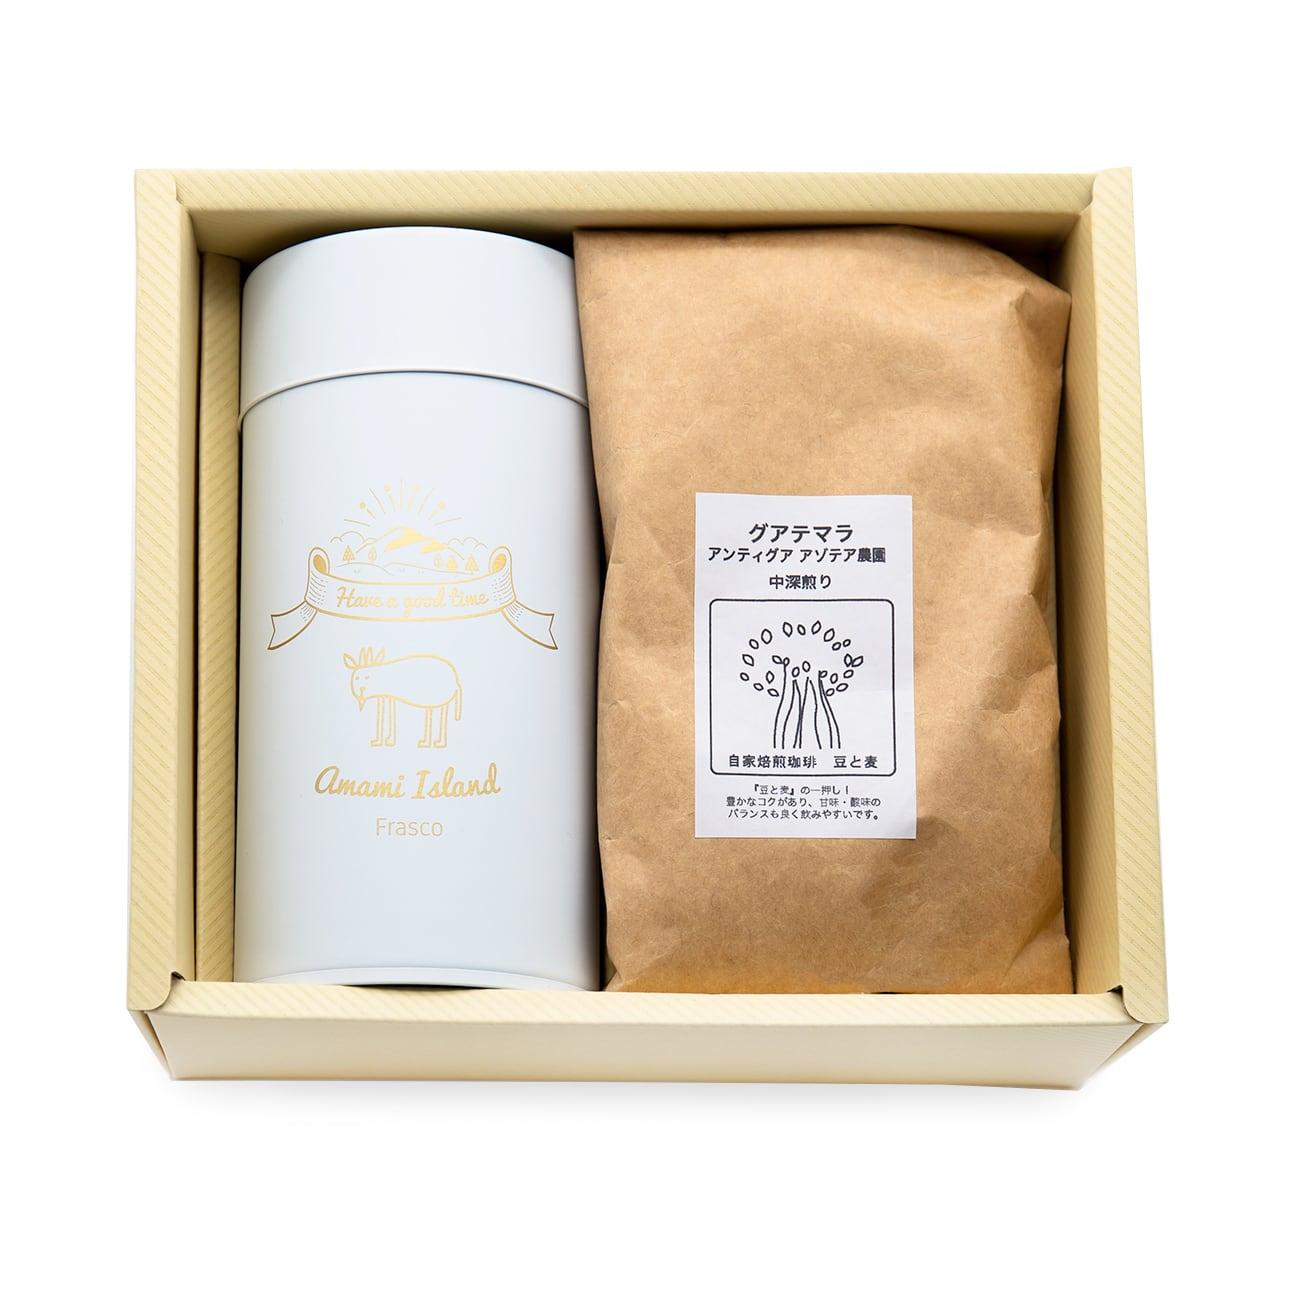 珈琲(100g入)とキャニスター缶のセット gift-E